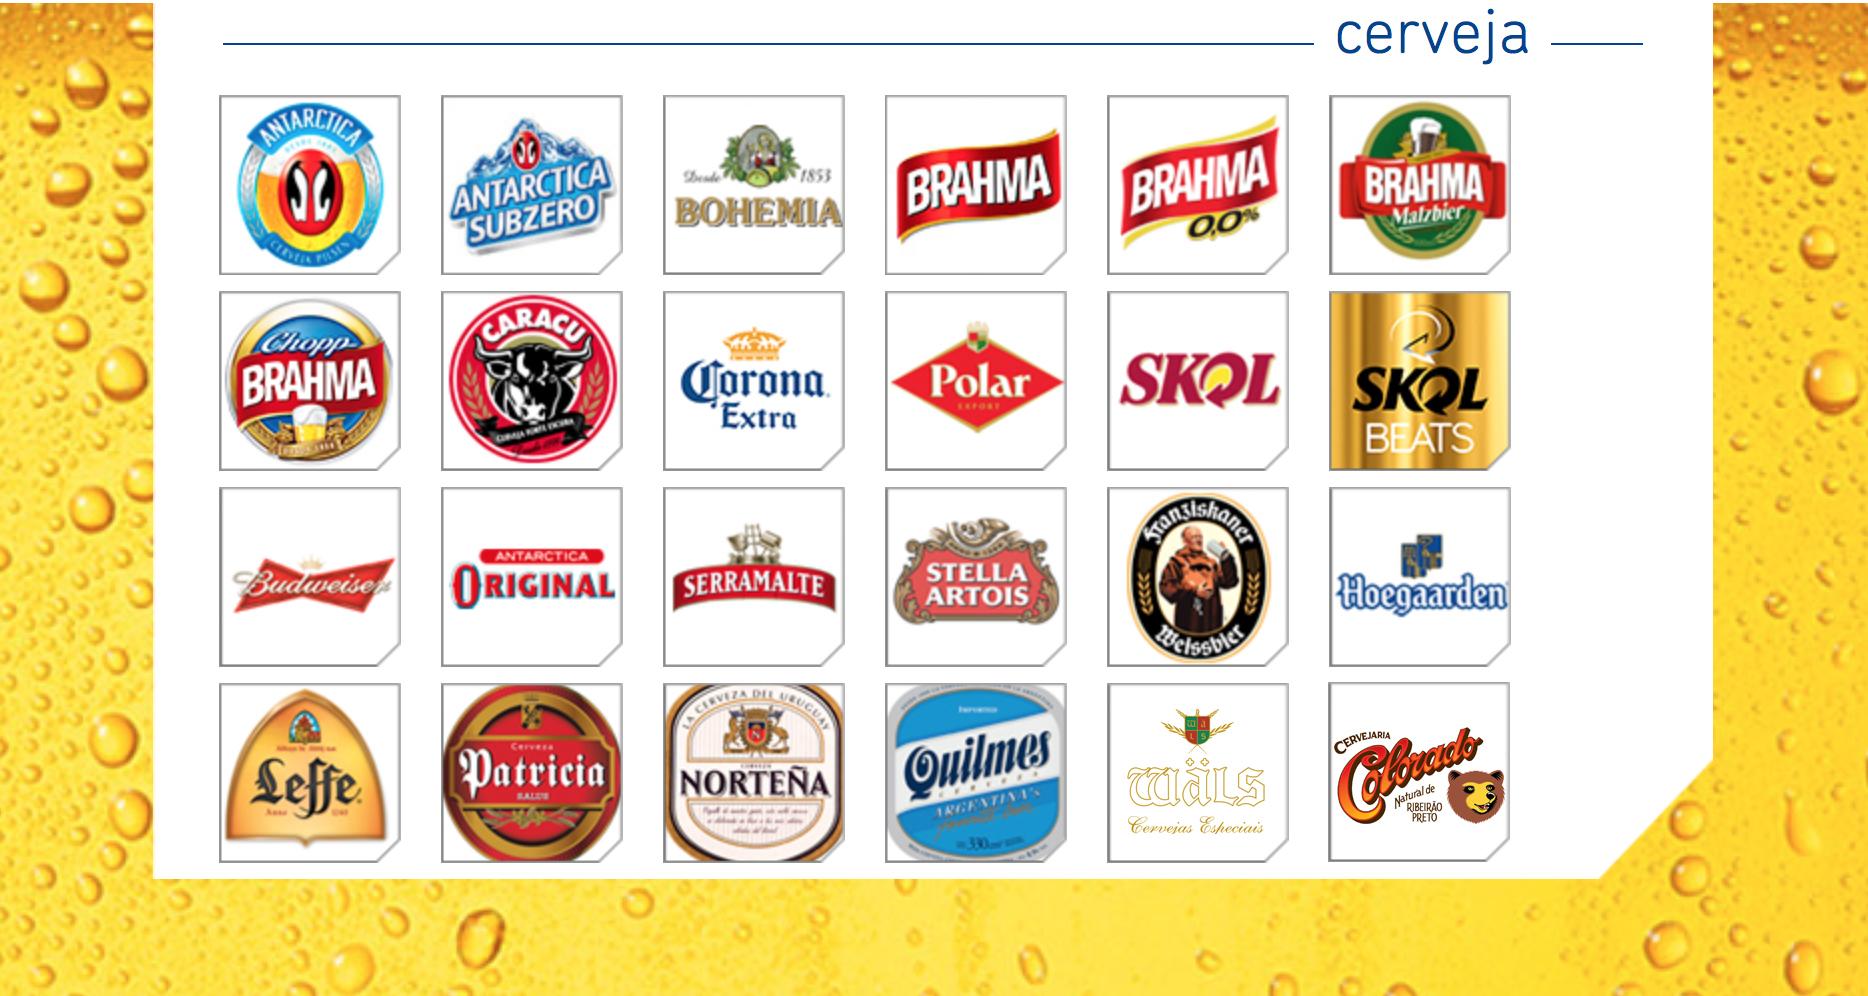 Portfólio da Ambev continua em expansão, agora com duas marcas que simbolizam o renascimento da cerveja artesanal no Brasil (Foto: Arte Revista Beer Art sobre imagem do site da Ambev)